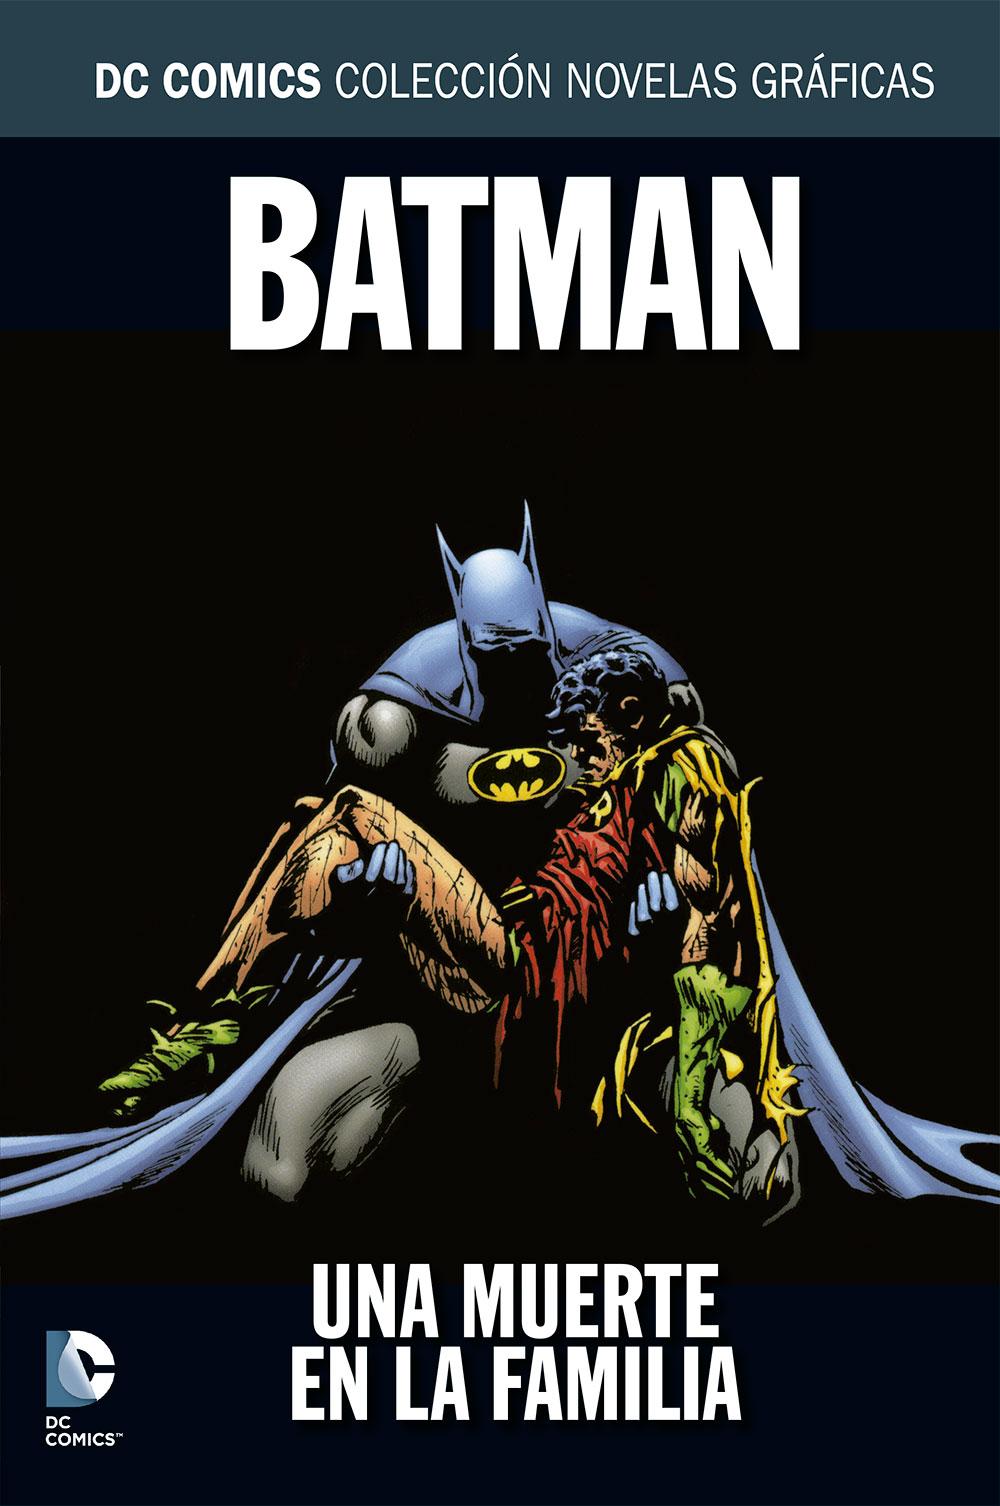 836 - [DC - Salvat] La Colección de Novelas Gráficas de DC Comics  Salvat_14